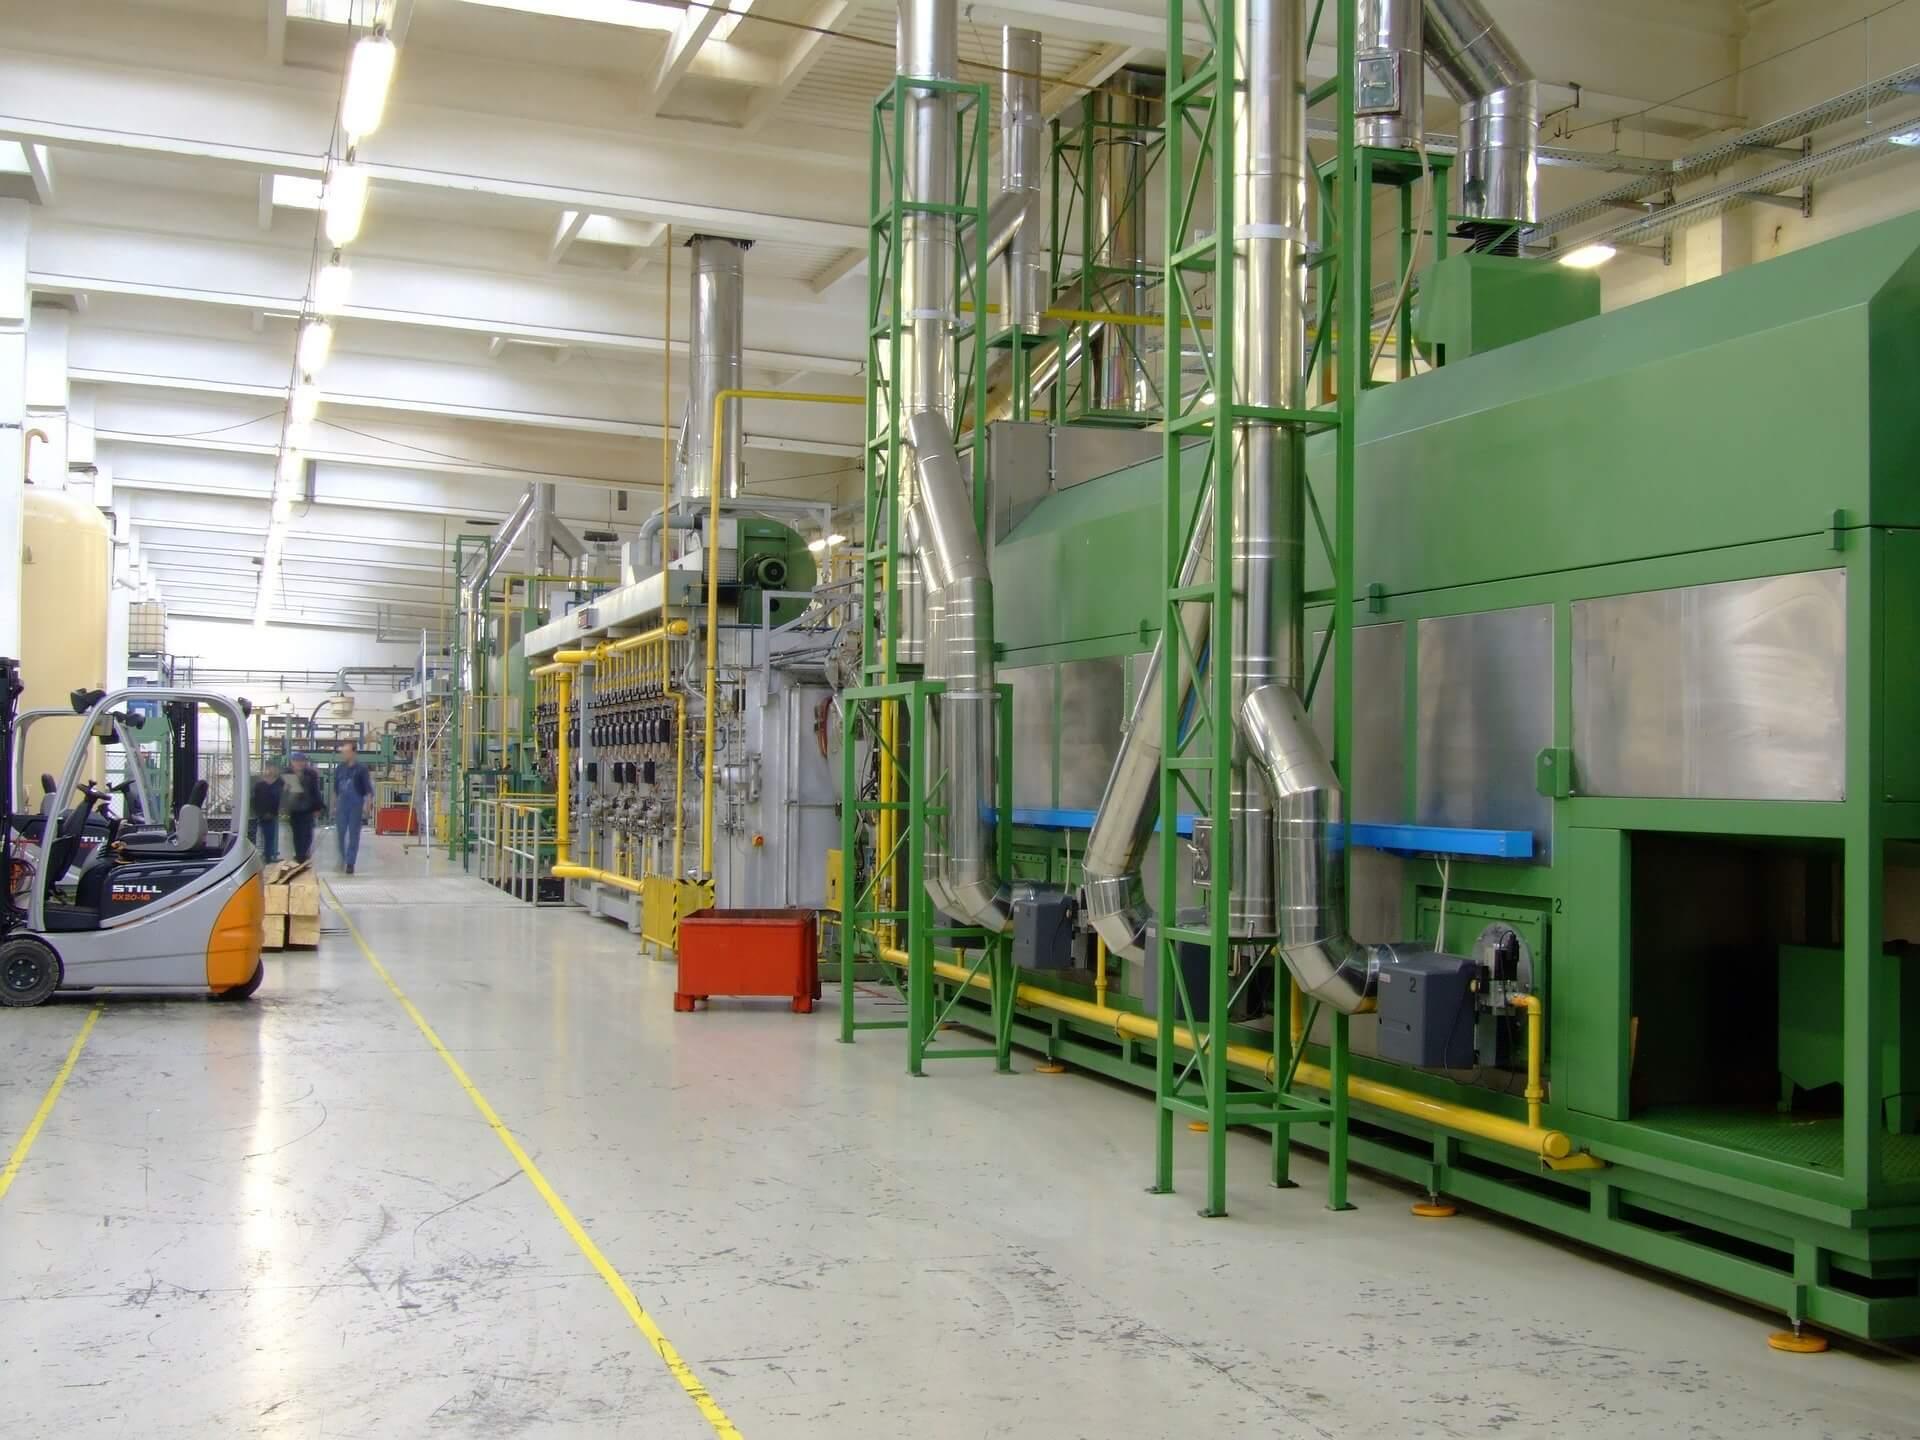 Fotografia dell'interno di un capannone industriale